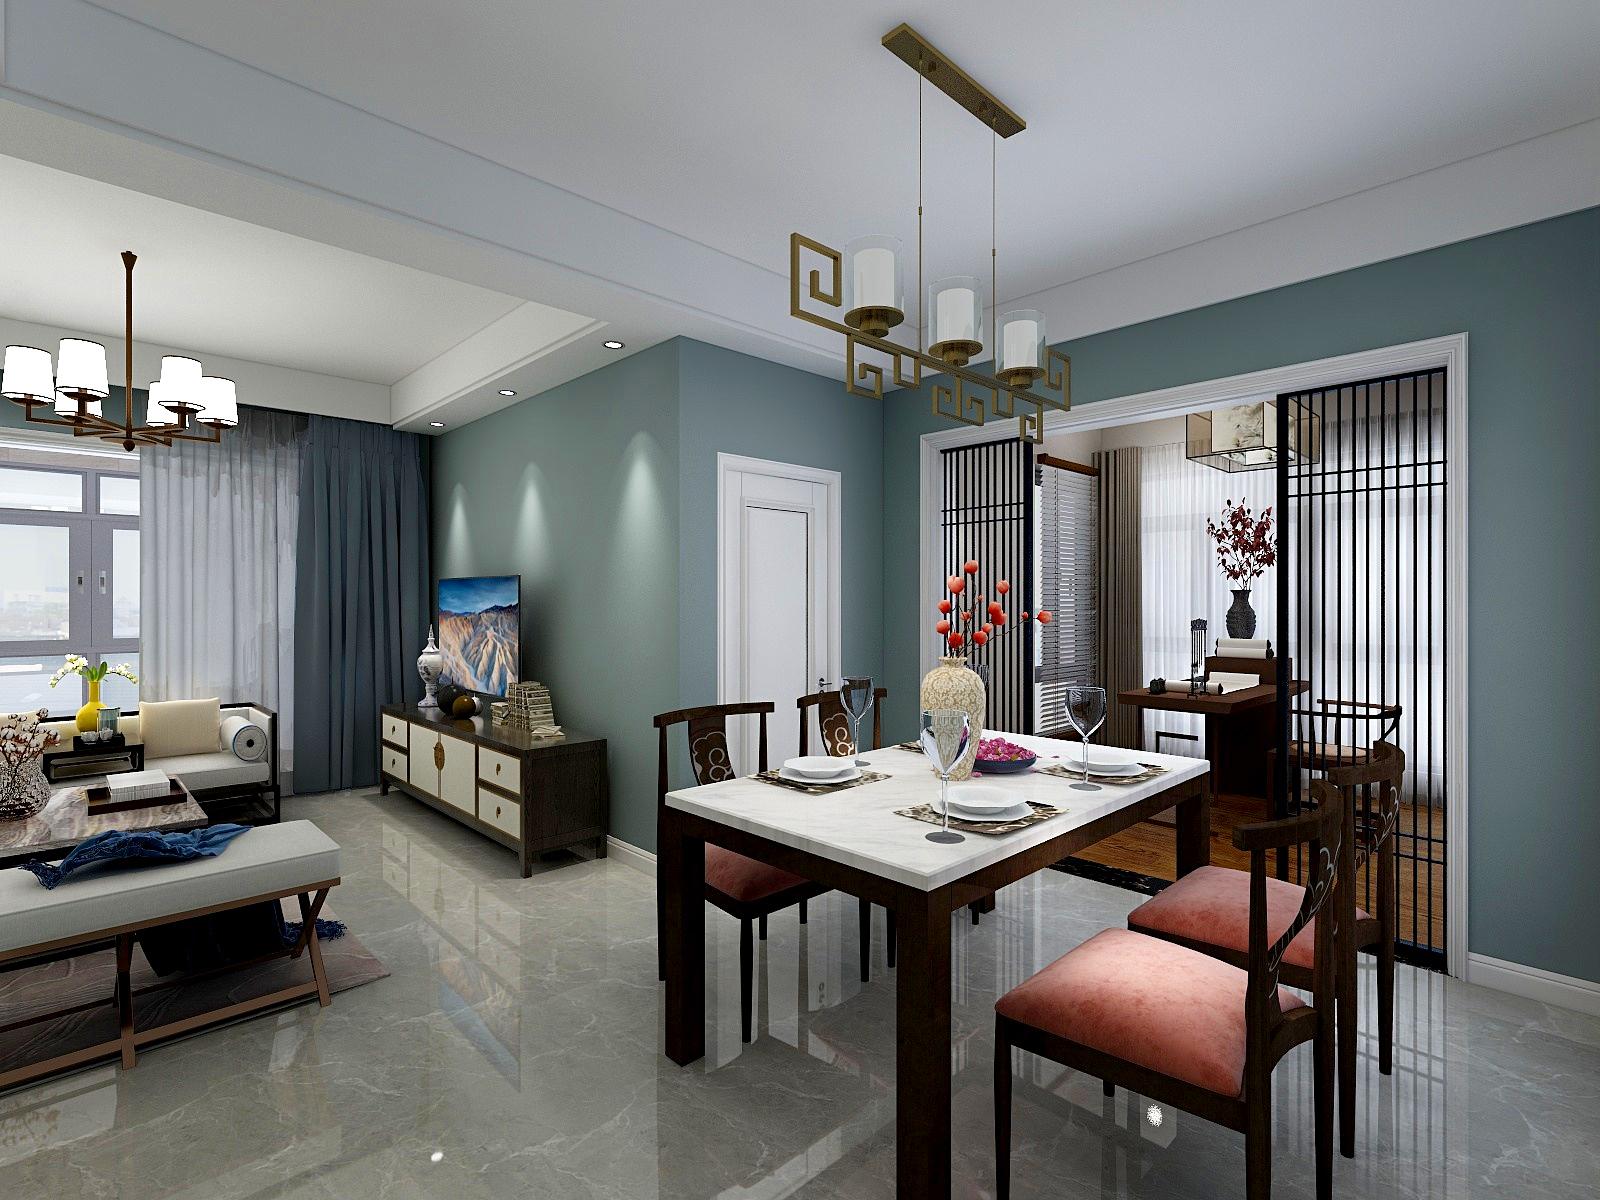 小跃层楼梯在小户型家庭中该如何设计?